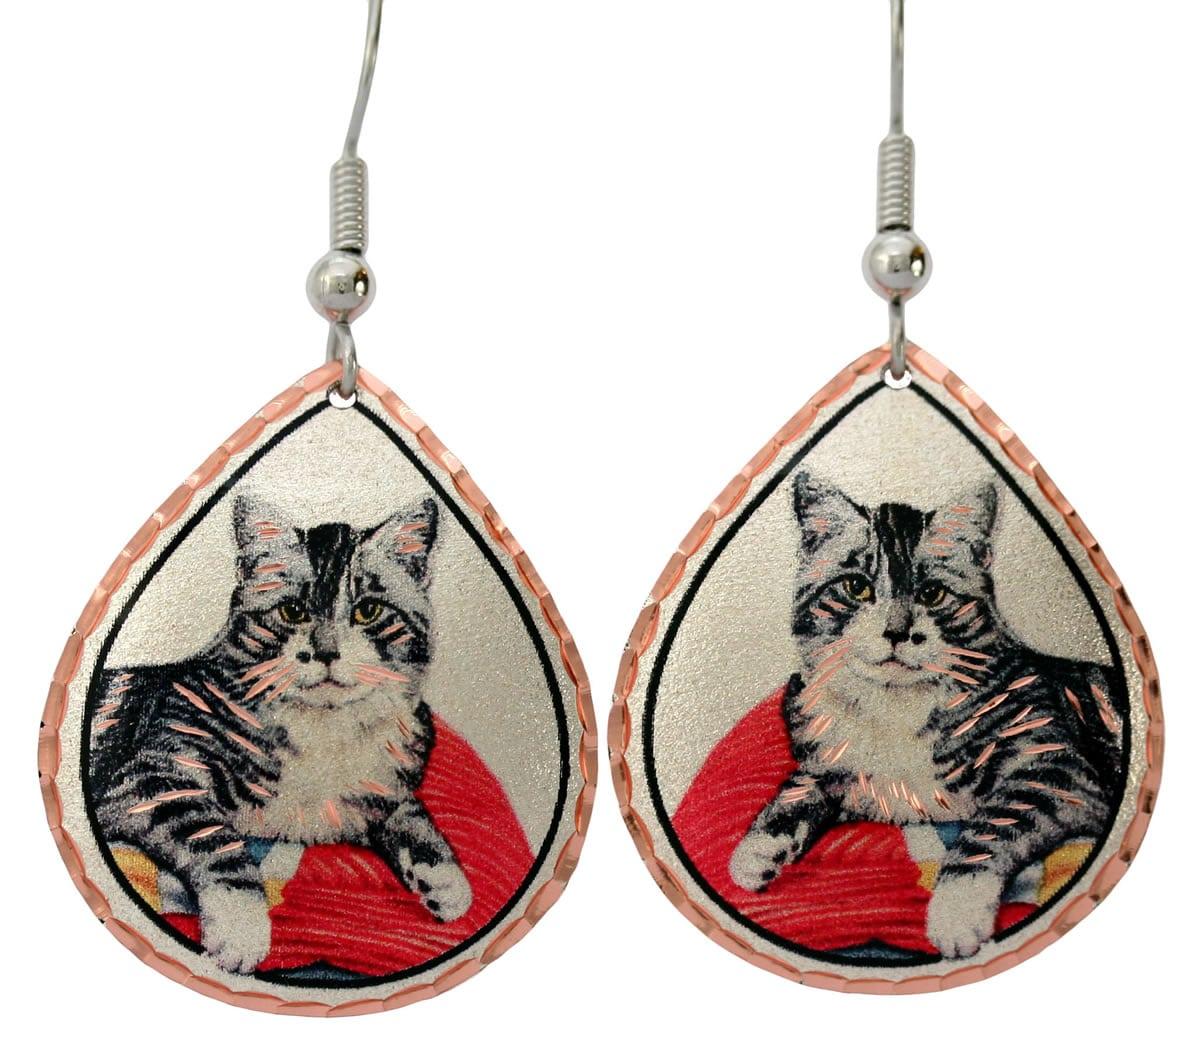 Buy cat earrings handmade from copper in beautiful watercolor artwork by Lynn Bean